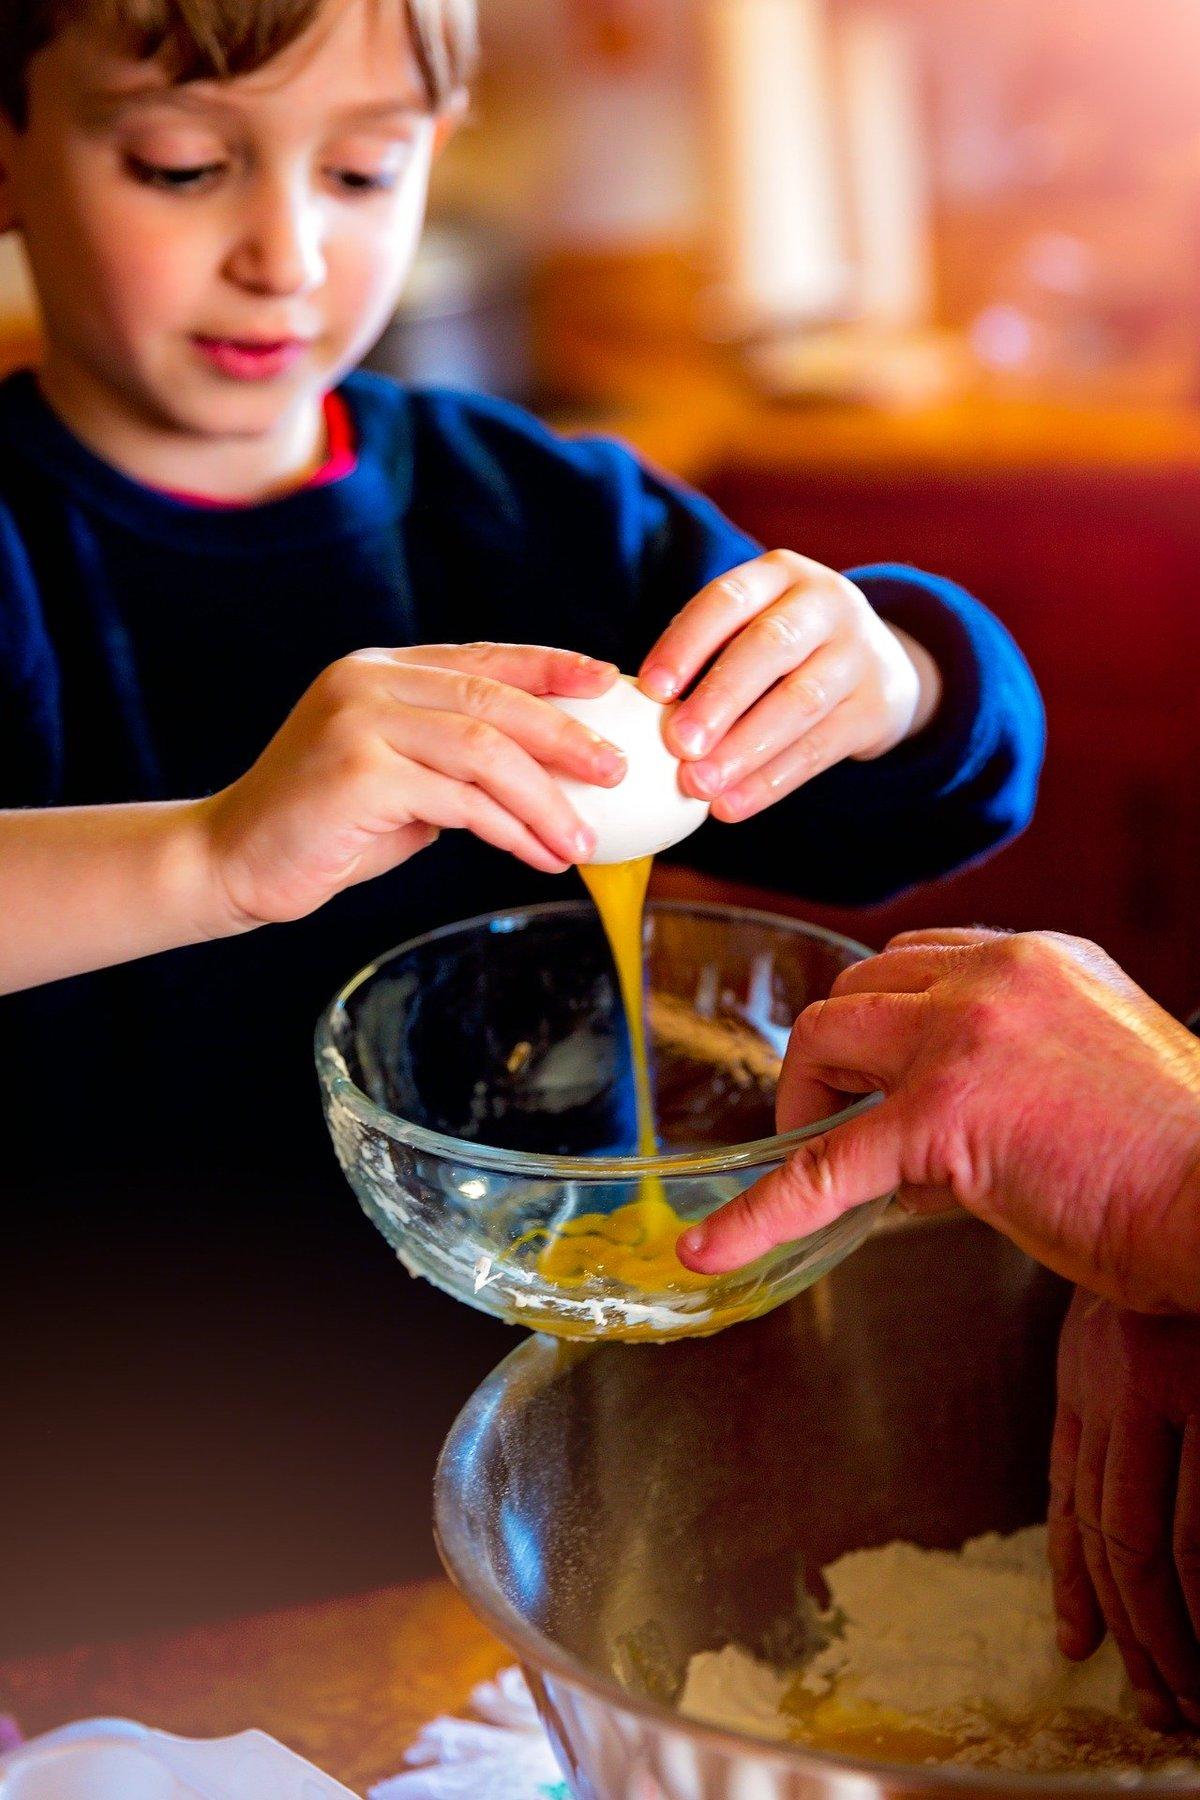 Conseils à mettre en place avant de cuisiner avec les enfants